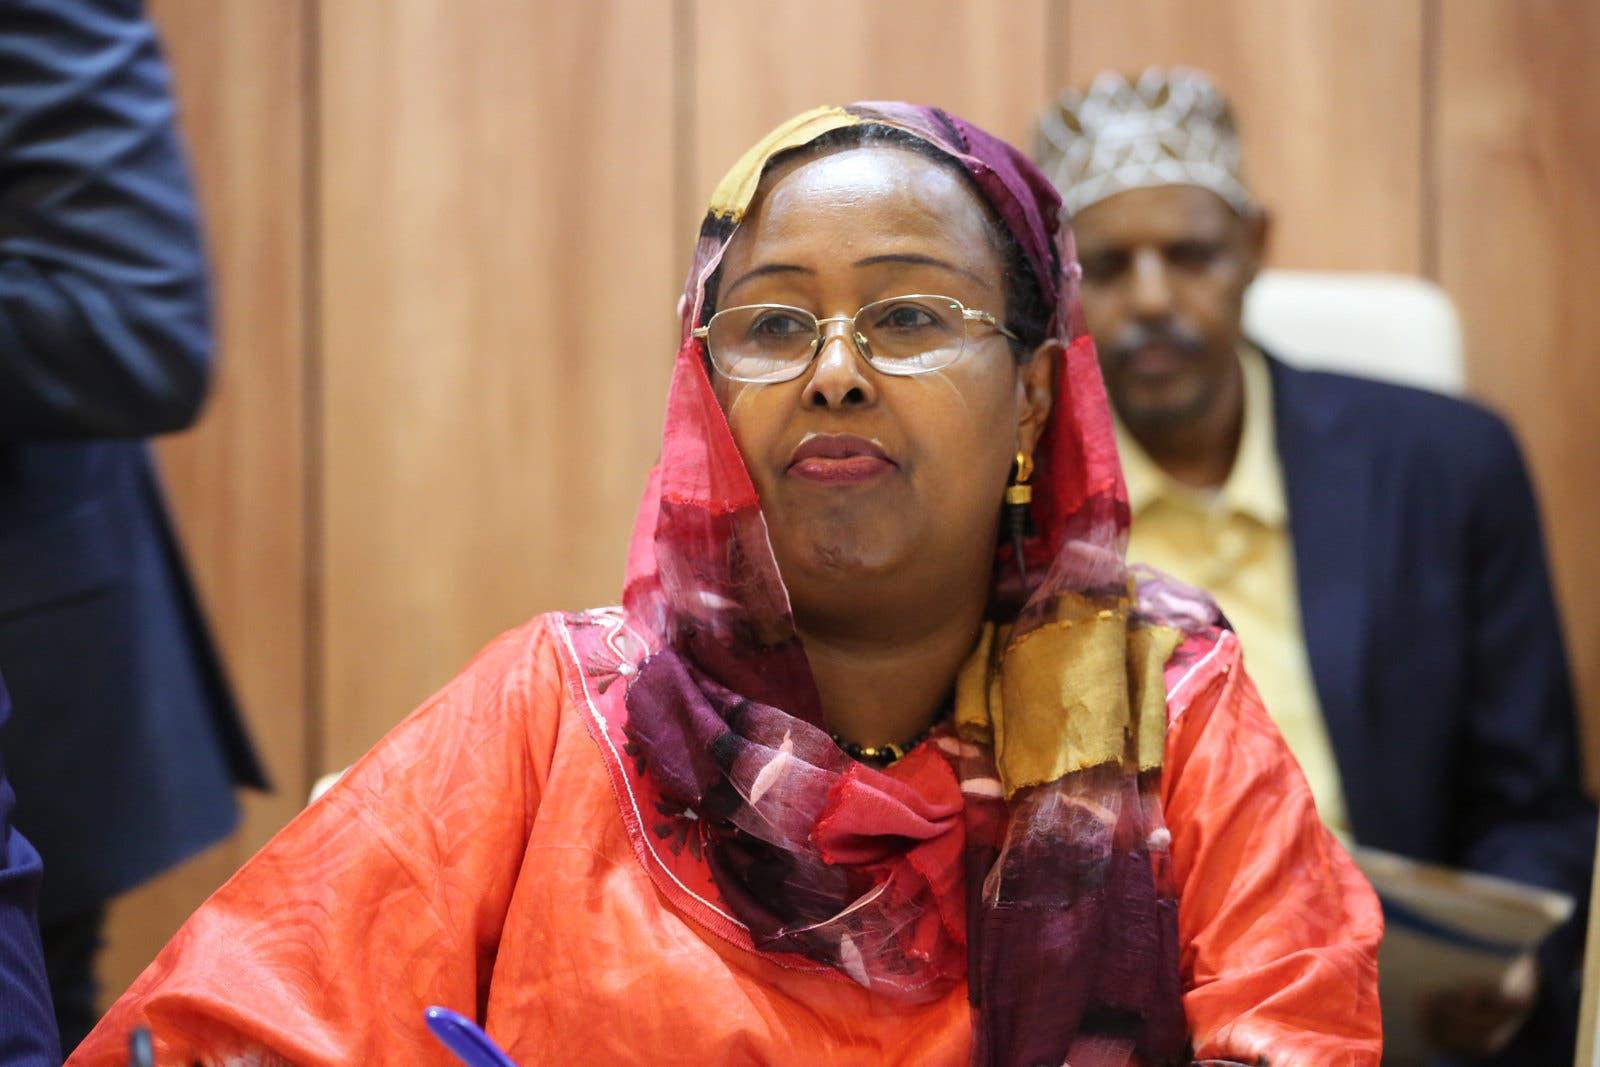 Daawo: Khadiija Diiriye oo la noqotay lacag kumanaan dollar ah oo ay u diri laheyd Barkhad Jaamac Batuun